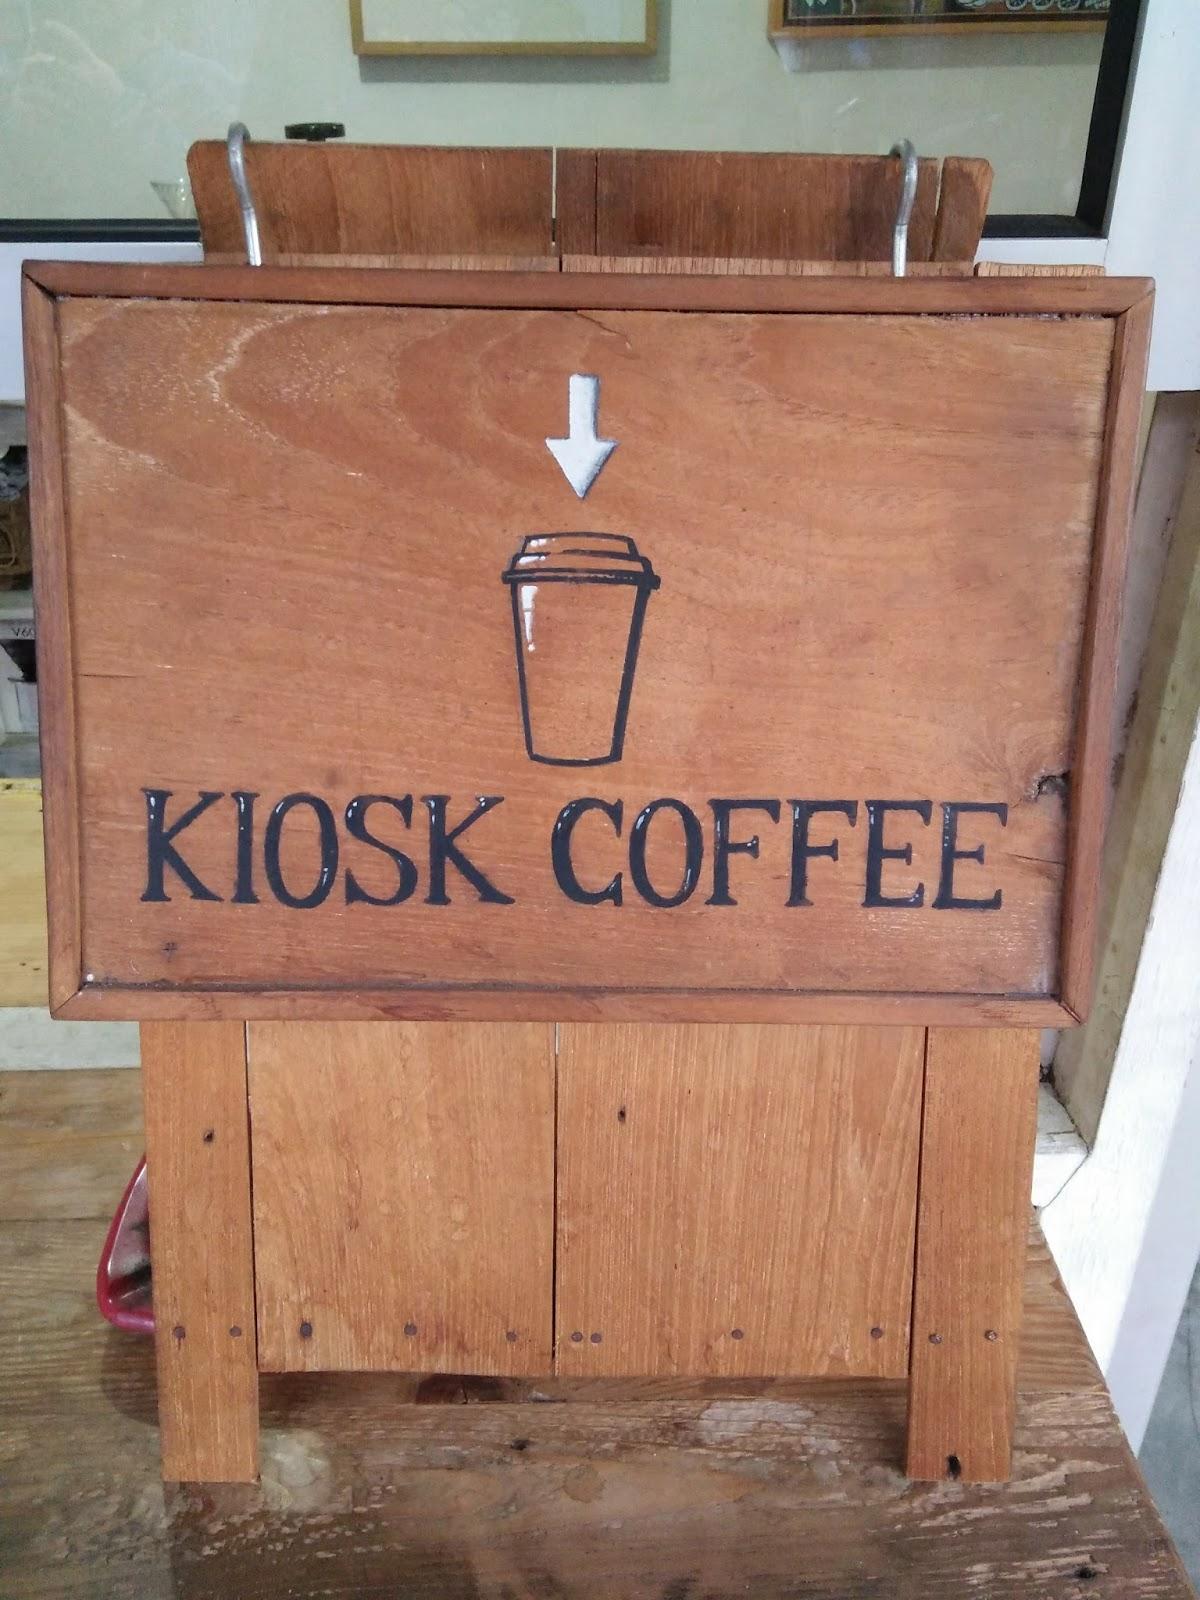 Menyusuri Prawirotaman Jogja : Hidup Ketika Pagi, Redup Kala Malam Menanti - Kiosk Coffee